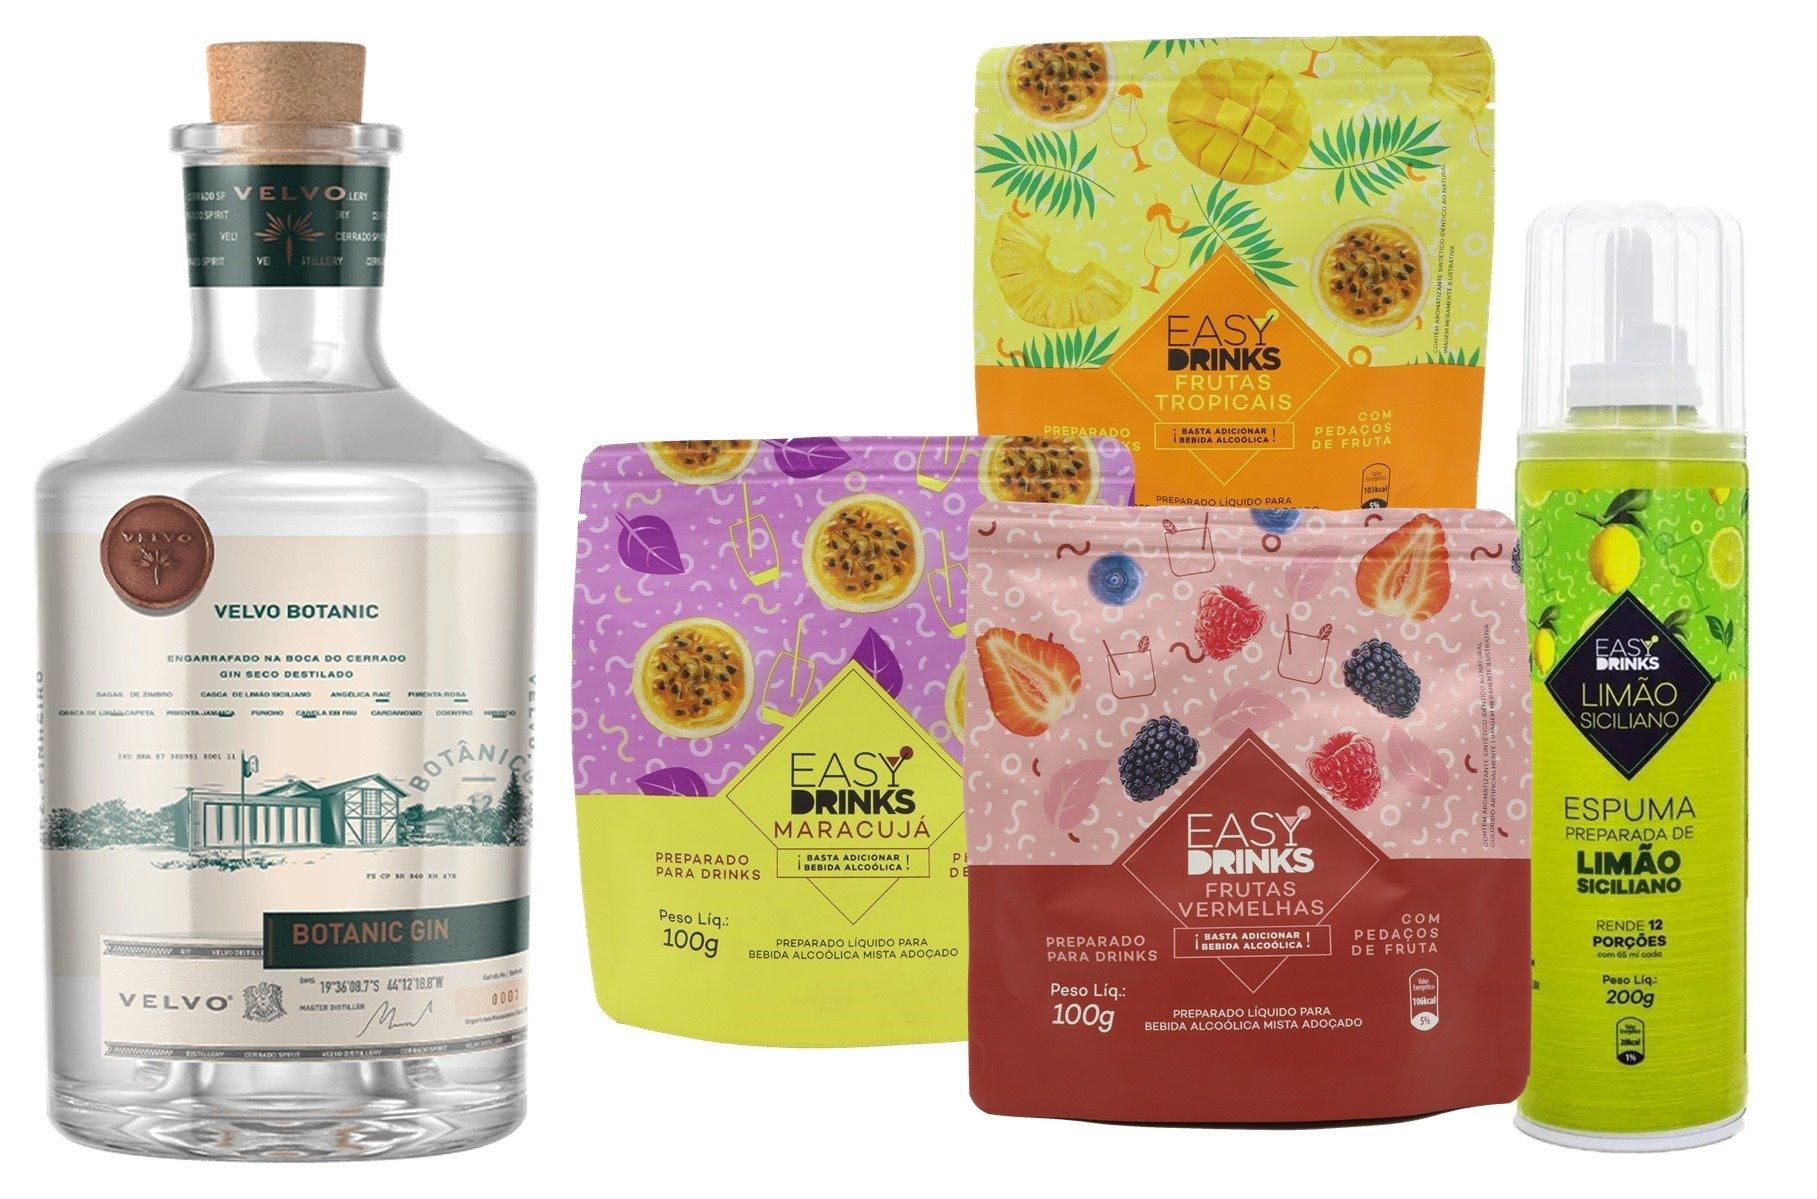 GIN VELVO + PACK EASY DRINKS (1 PACK MARACUJÁ + 1 PACK FRUTAS VERMELHAS + 1 PACK FRUTAS TROPICAIS + 1 ESPUMA LIMÃO SICILIANO)